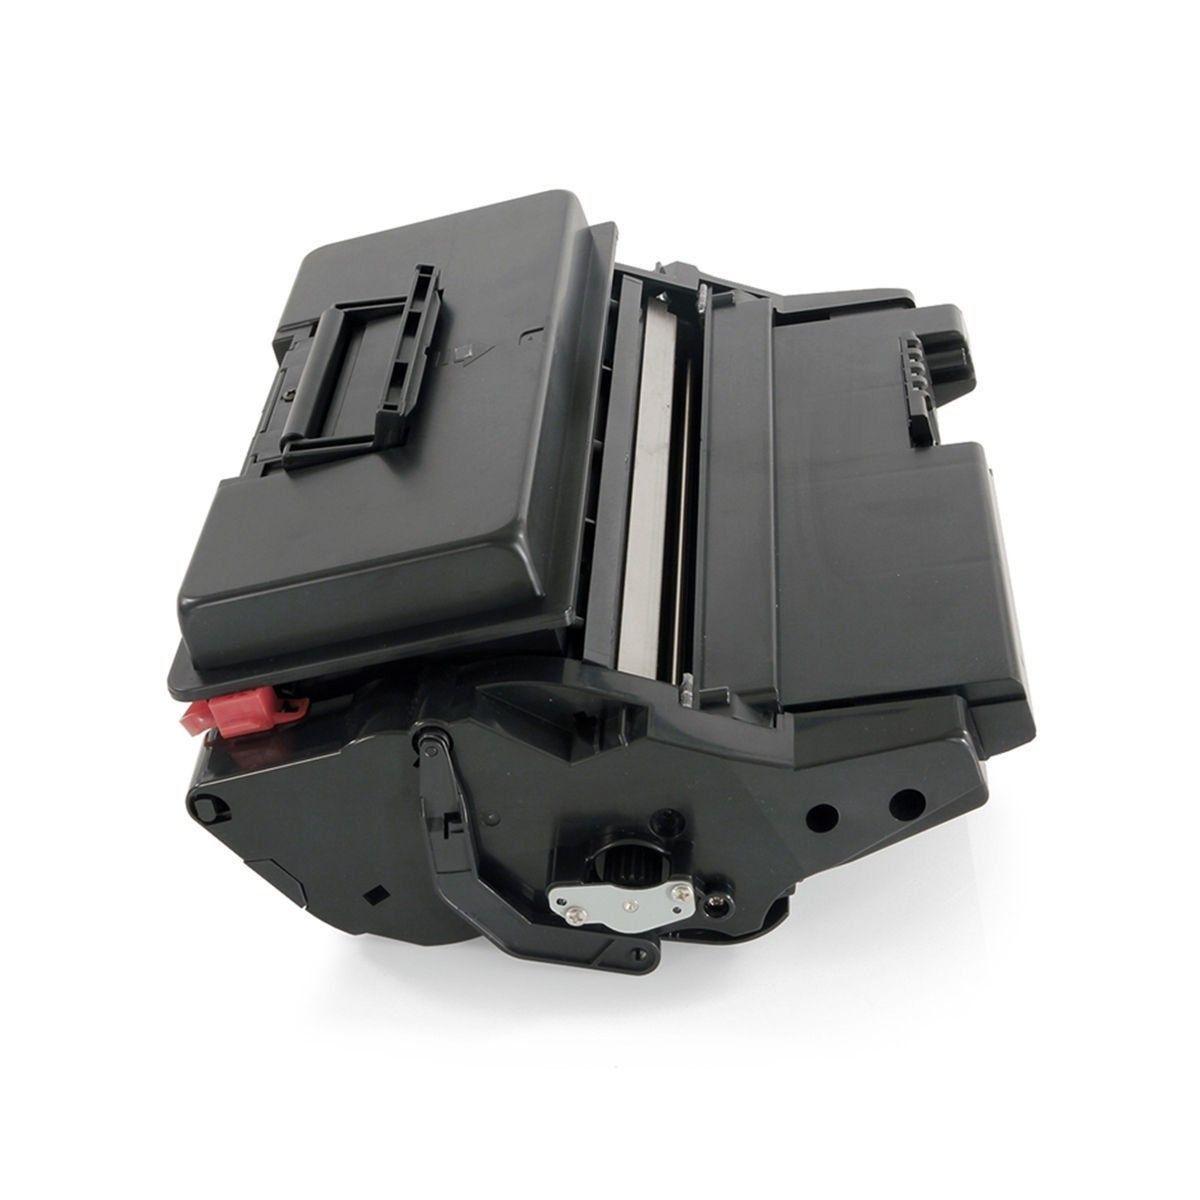 Compatível: Toner ML-D4550 MLD4550A para Samsung ML4550 ML4550n ML4551n ML4551nd 4550 4551n 4551nd / Preto / 20.000